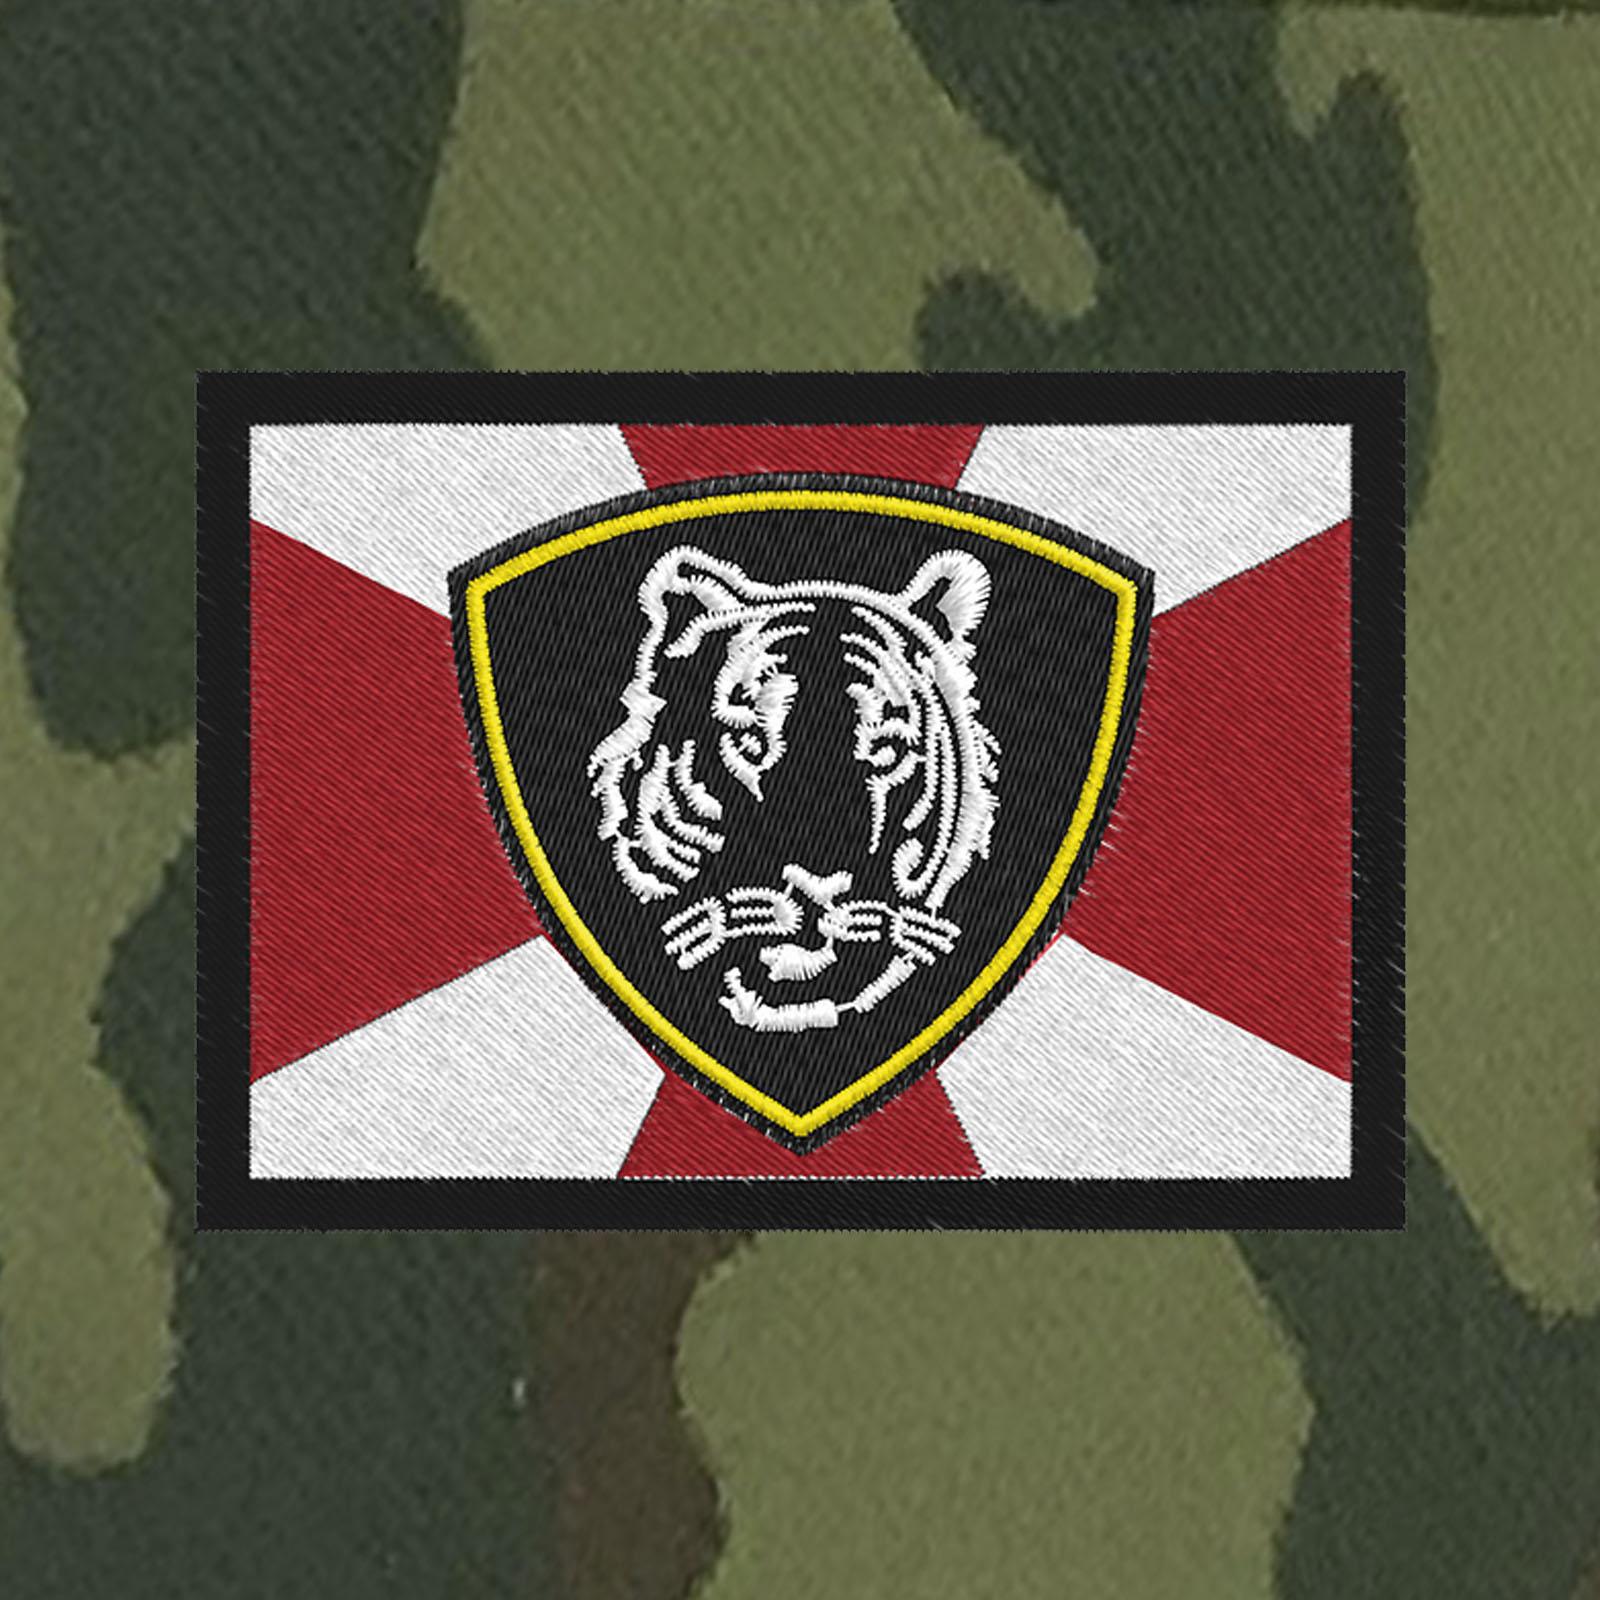 Милитари кепка Восточного регионального командования ВВ МВД России.